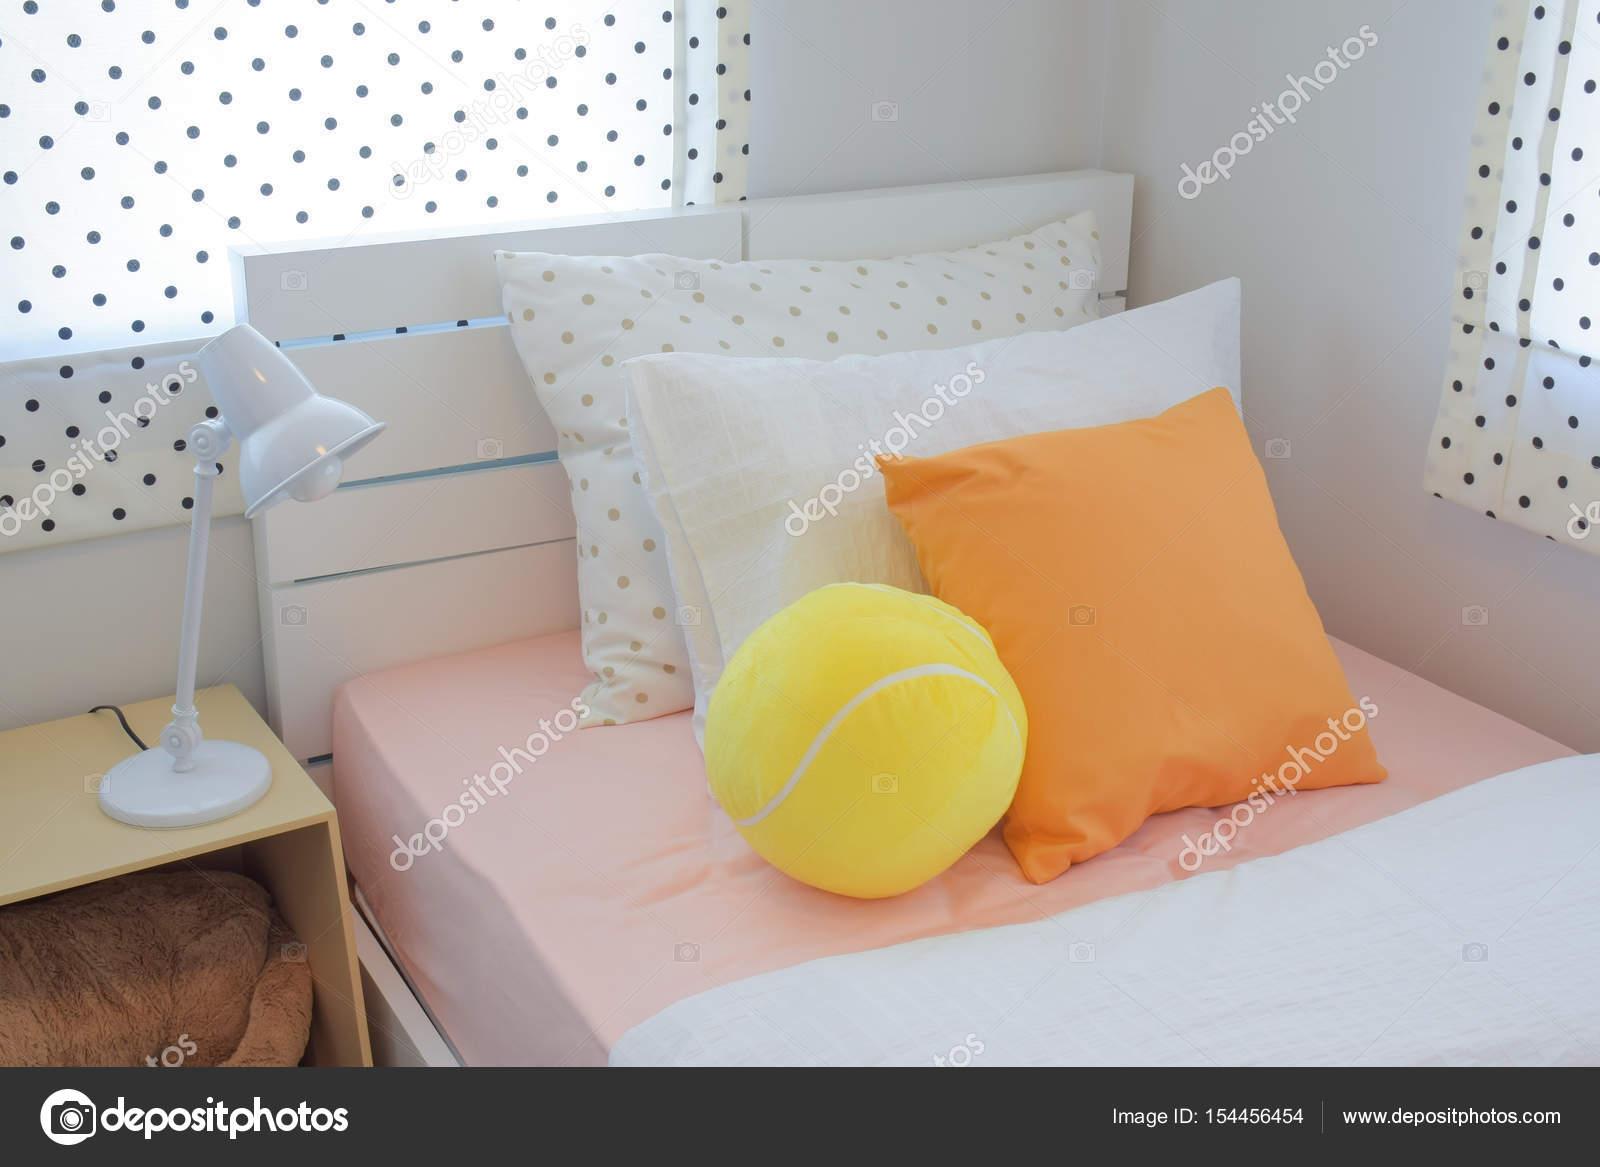 Ballon Gonflé Jaune Et Oreiller De Couleur Orange Sur Lit Dans La Chambre à  Coucher Couleur Douce Régimeu2013 Images De Stock Libres De Droits